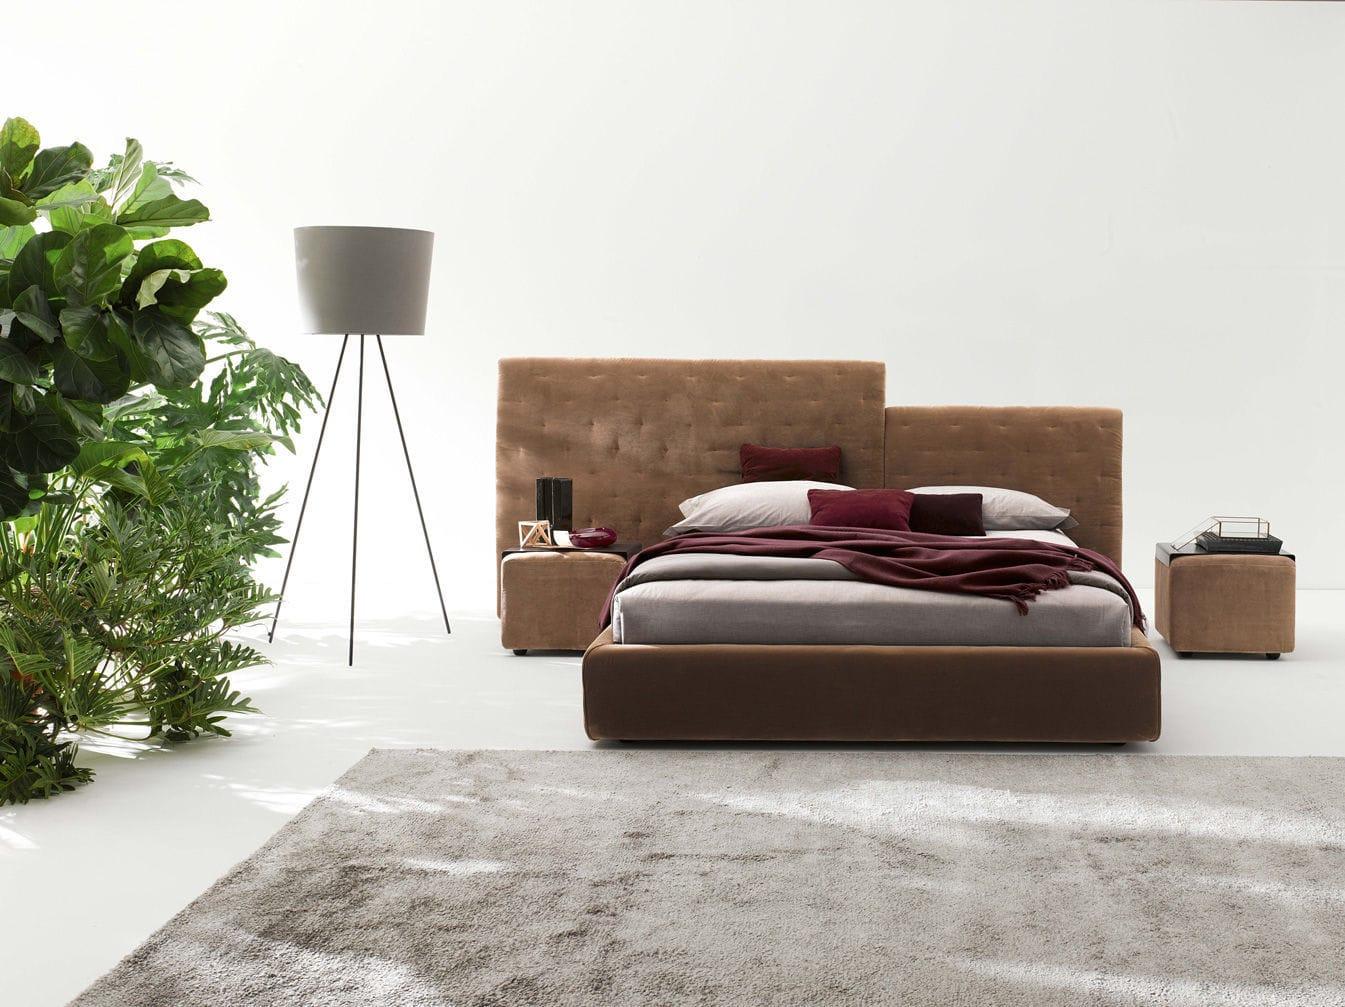 Finest Doppelbett Modern Stoff Eclectico By Spessotto U Agnoletto Ditre  Italia With Doppelbett Modern